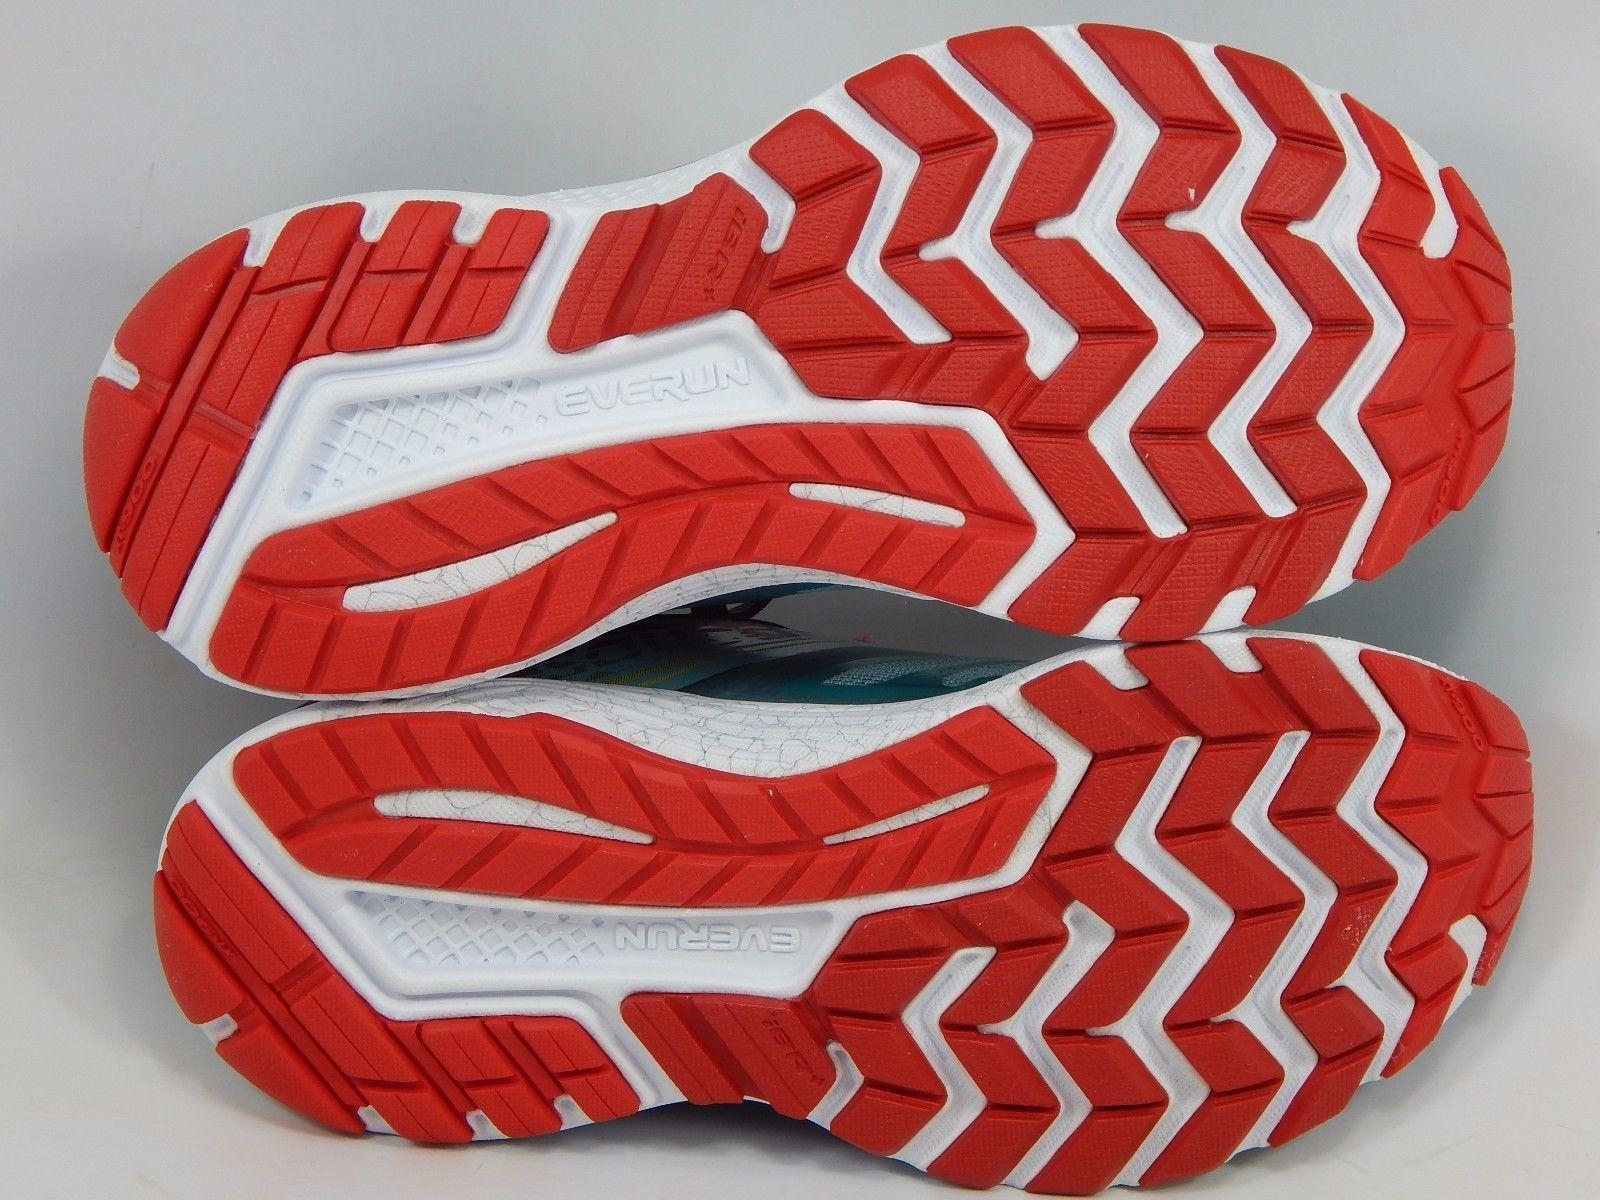 Saucony Guide 10 Men's Running Shoes Size US 8 M (D) EU 41 Blue / Black S20350-2